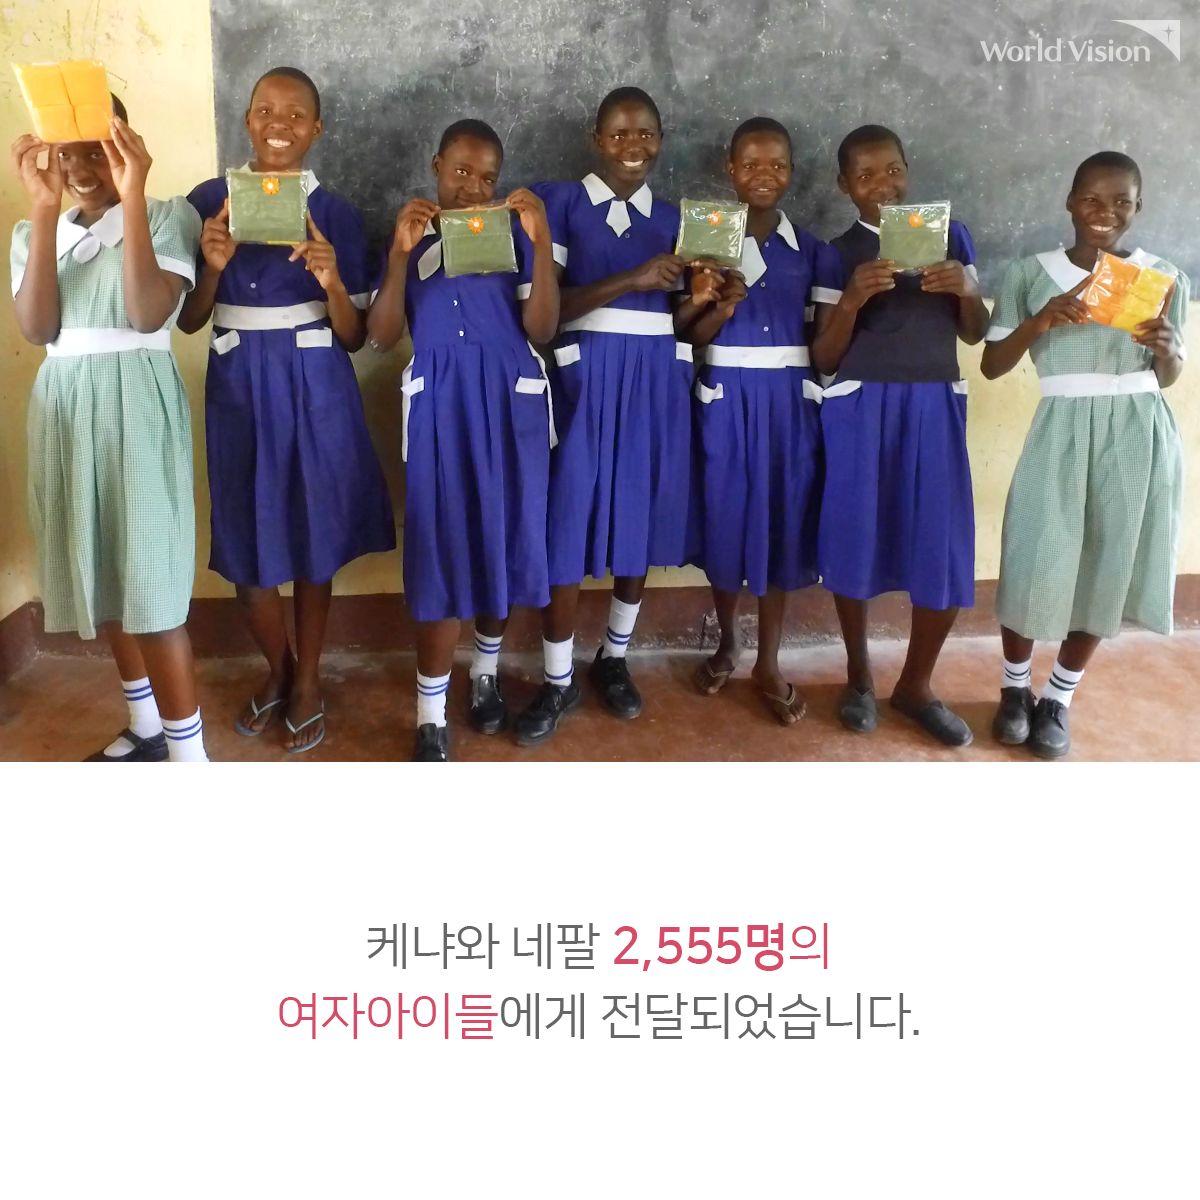 케냐와 네팔 2,555명의 여자아이들에게 전달되었습니다